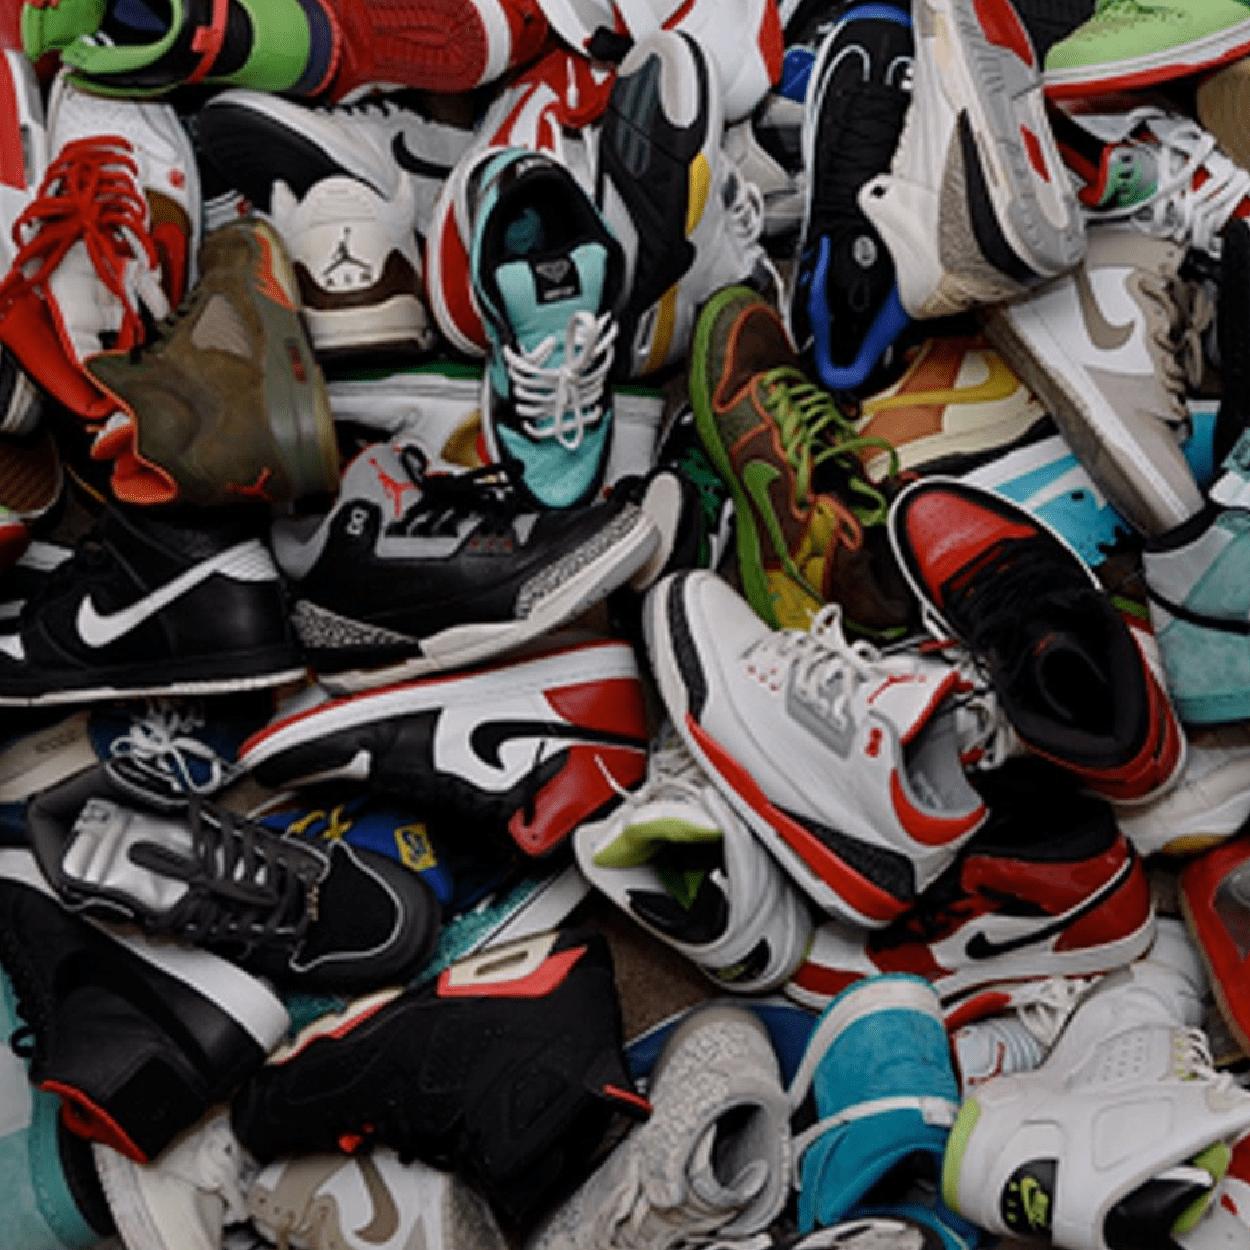 Sneakers: locos x las zapatillas